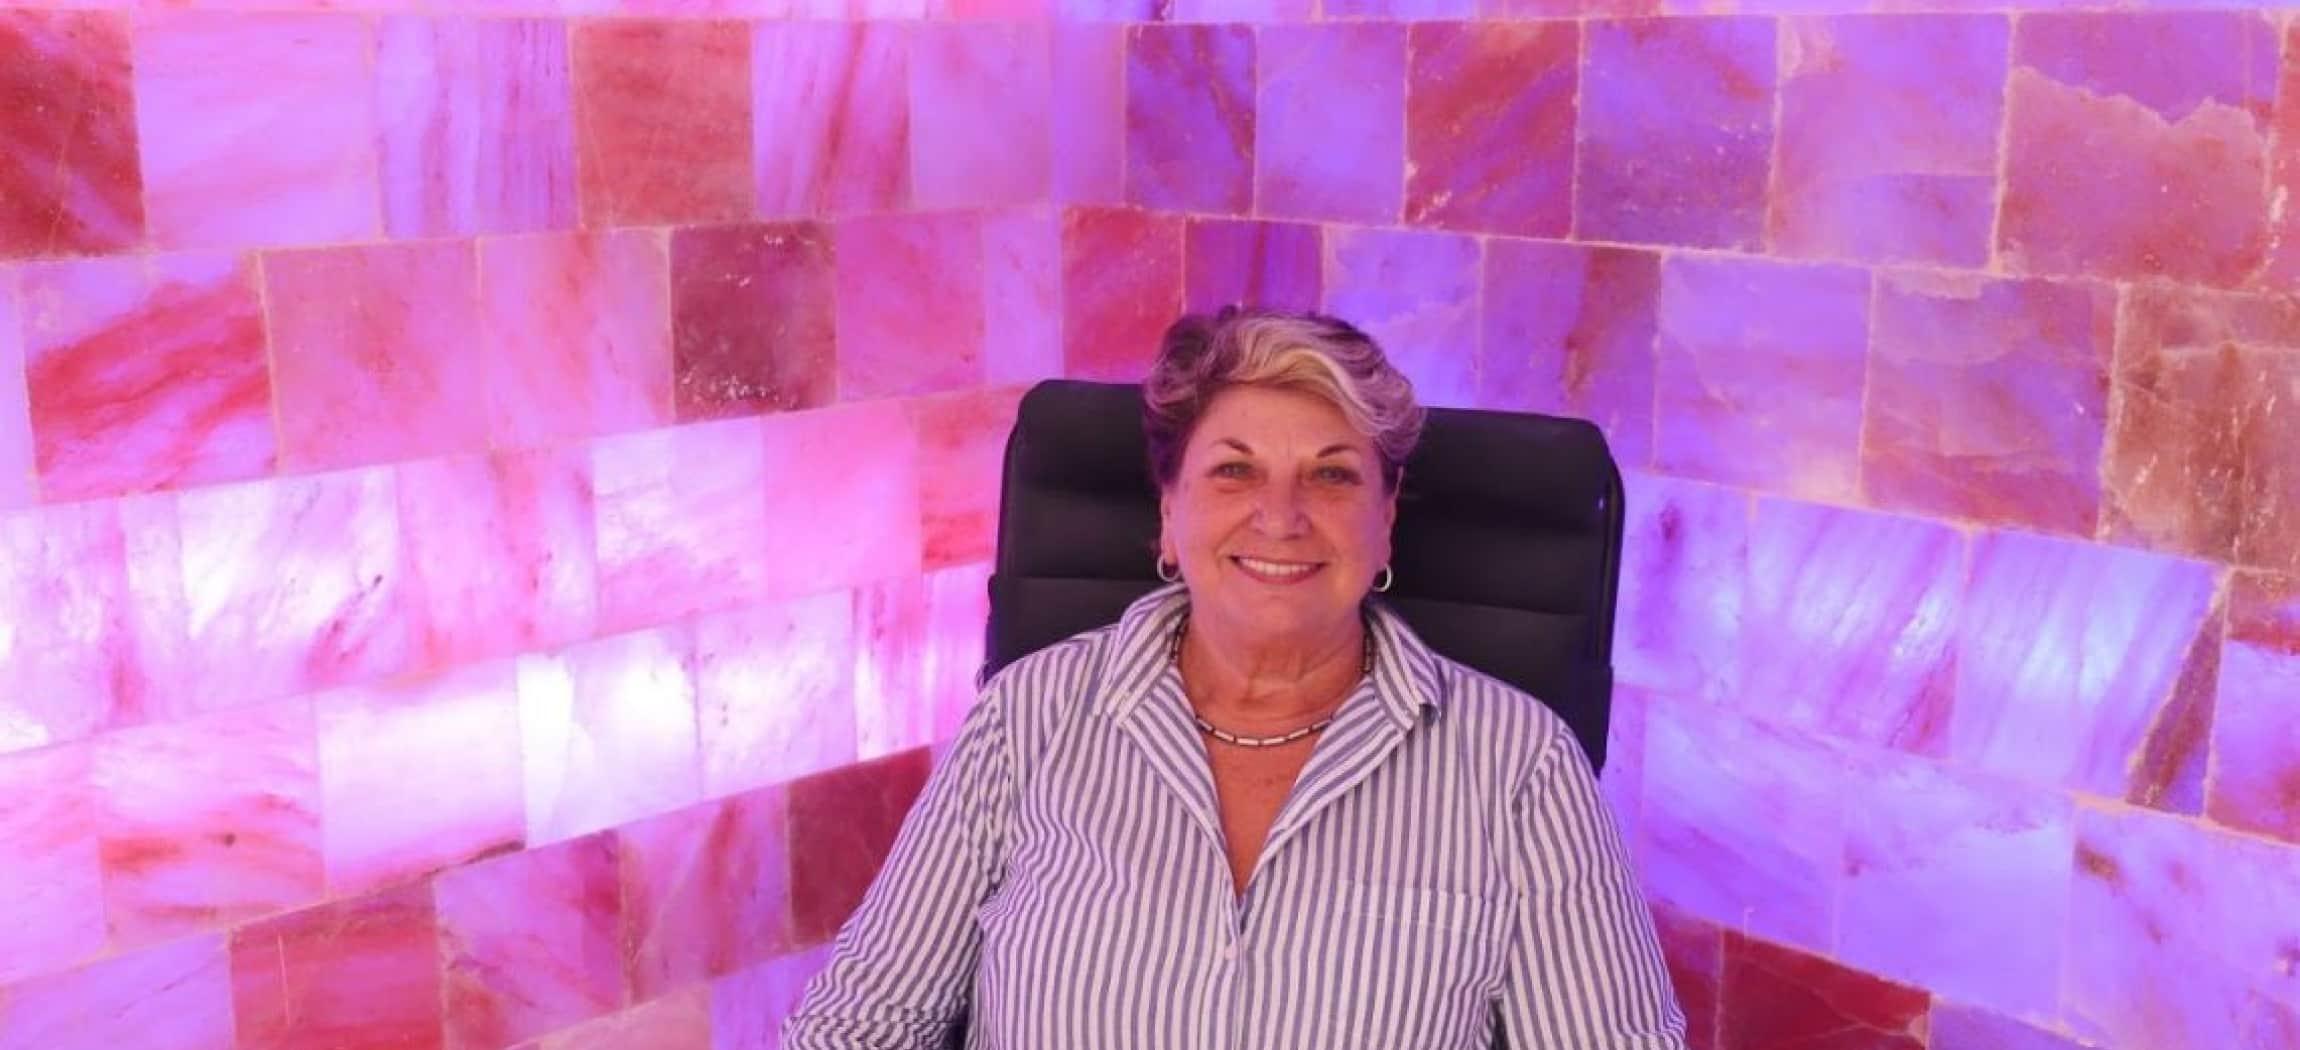 Muur van roze zouttegels met een vrouw zittend in een stoel